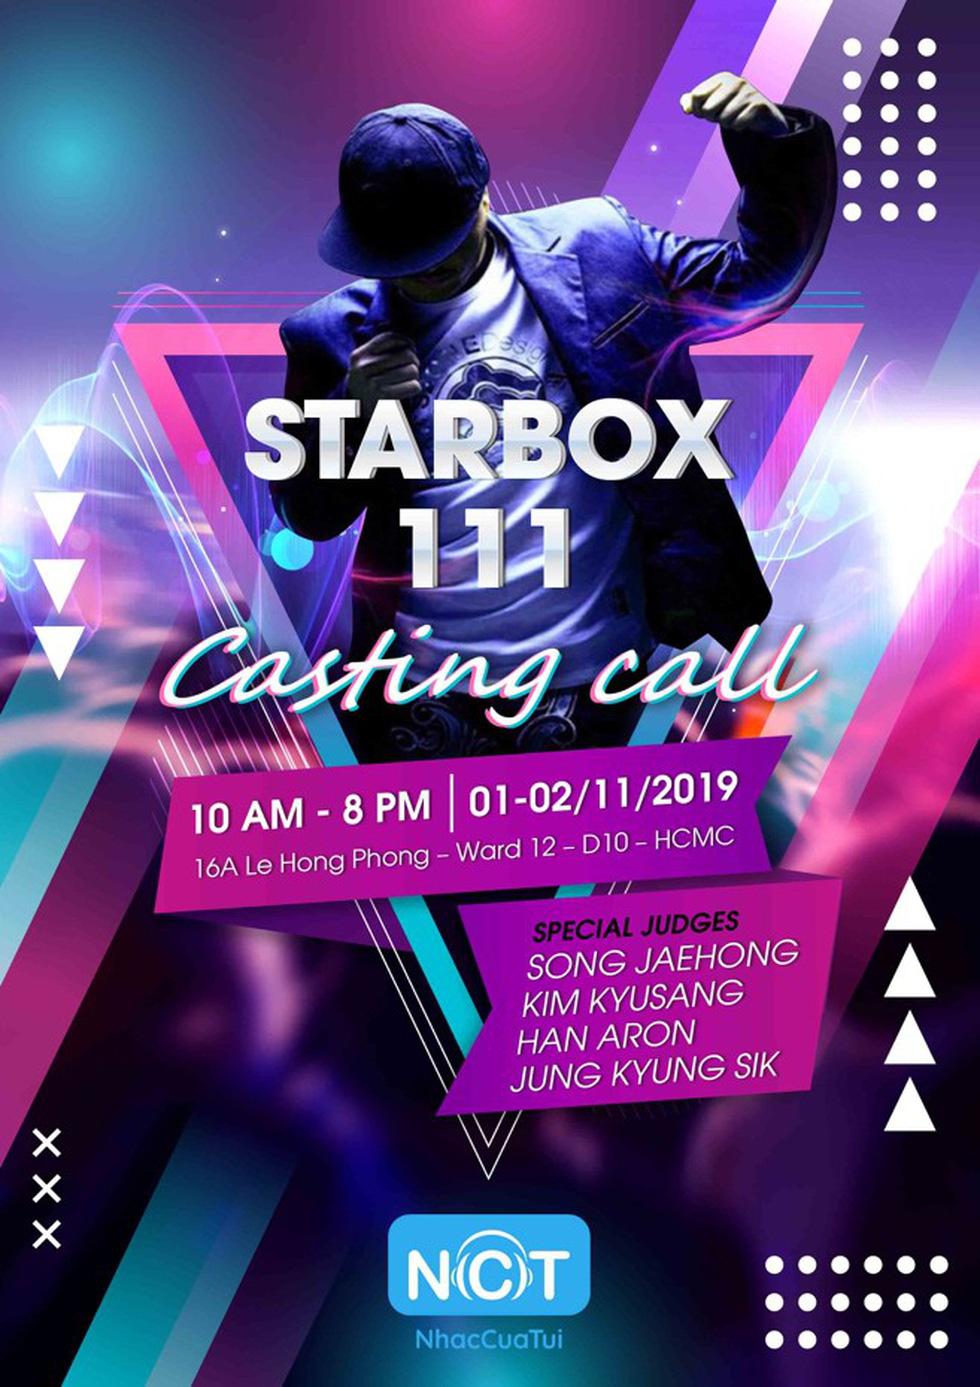 Các thí sinh đã sẵn sàng trở thành thực tập sinh của 'Starbox 111' - Ảnh 4.